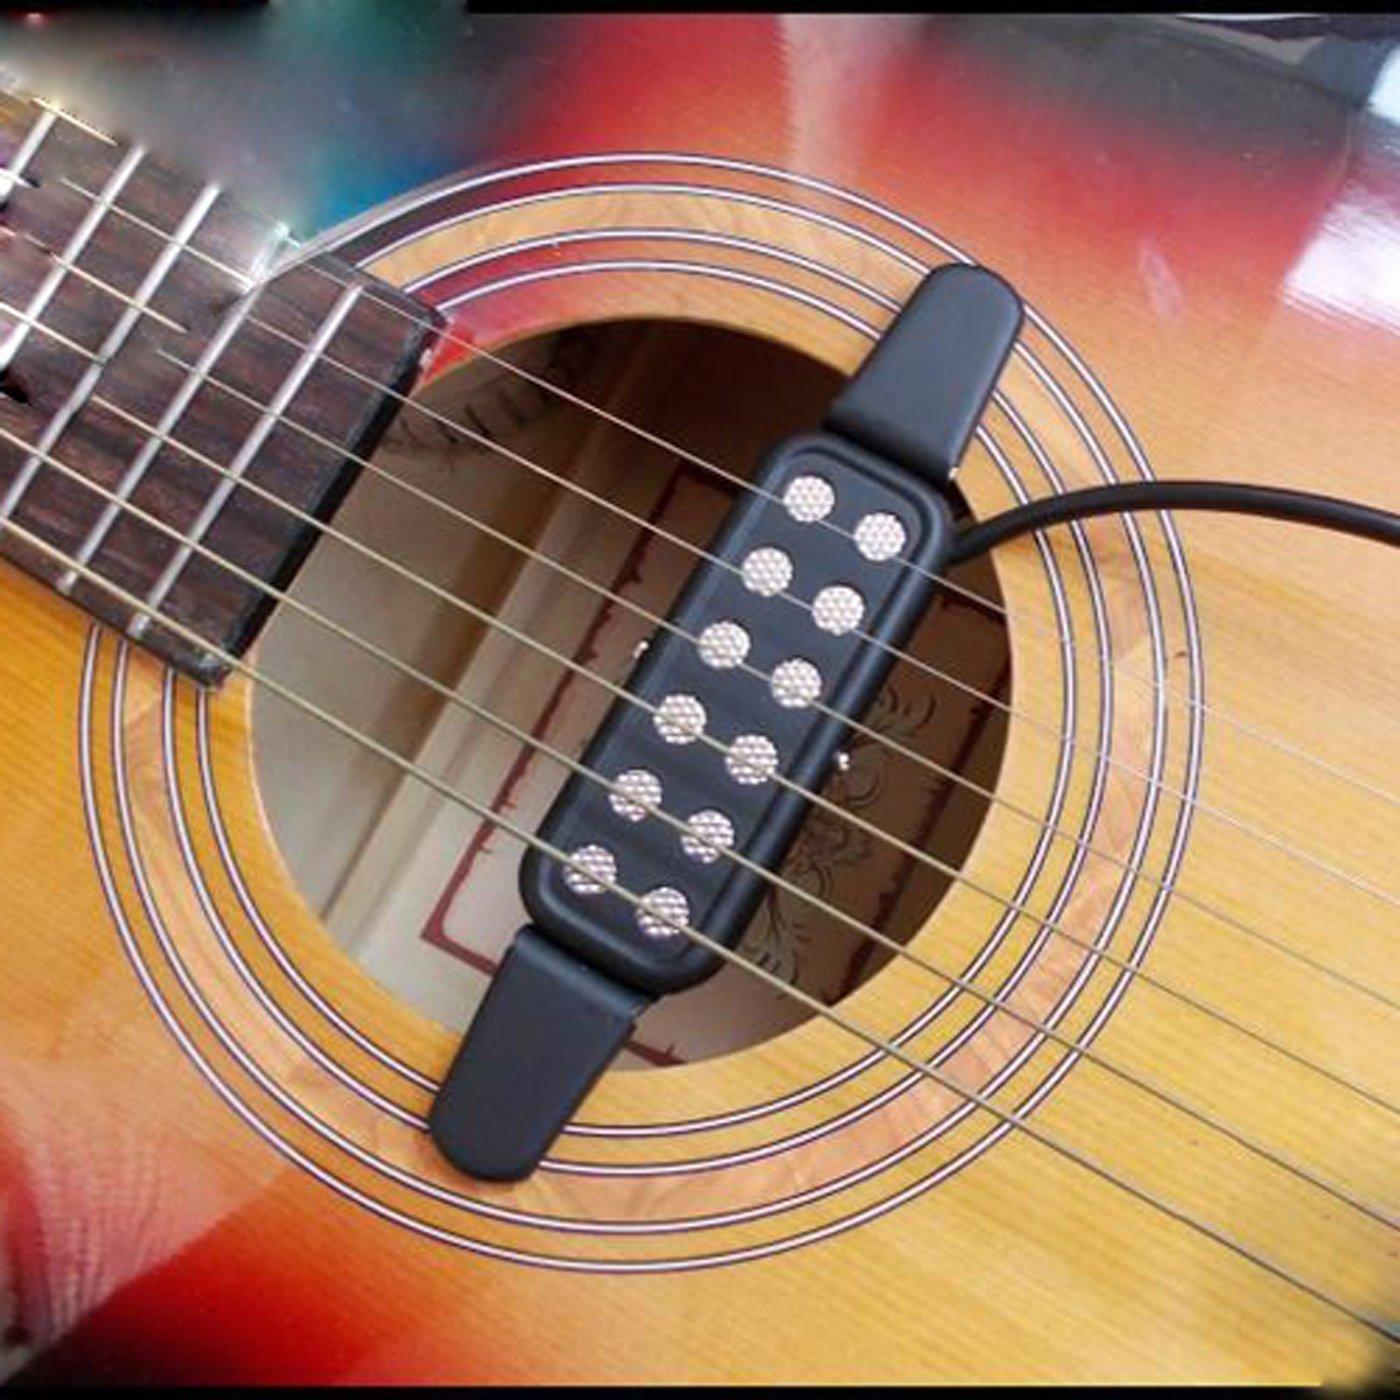 SSJY Thiết bị loa Moniter Âm thanh lỗ thu nhạc cụ phụ kiện lưỡi lê acoustic guitar đón âm thanh guit